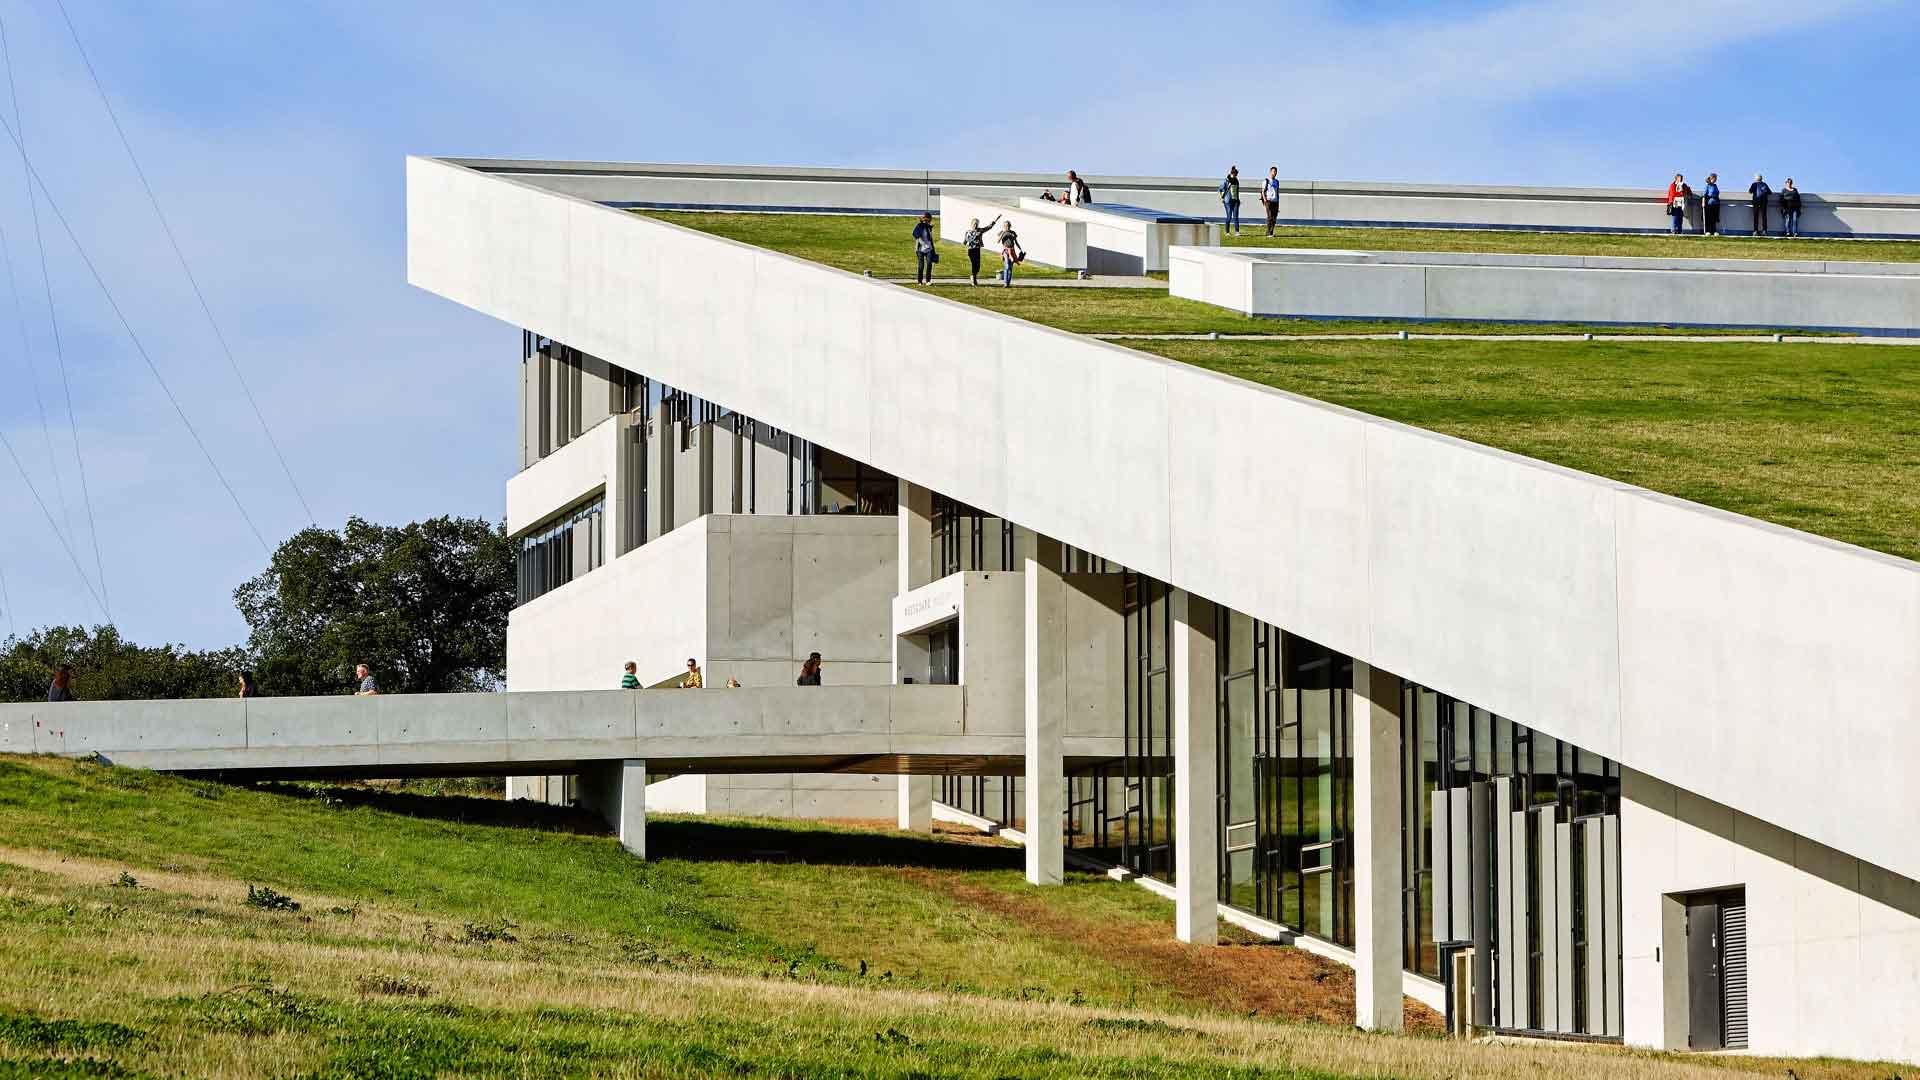 Henning Larsen | Moesgaard Museum wins an Architizer A+ Award